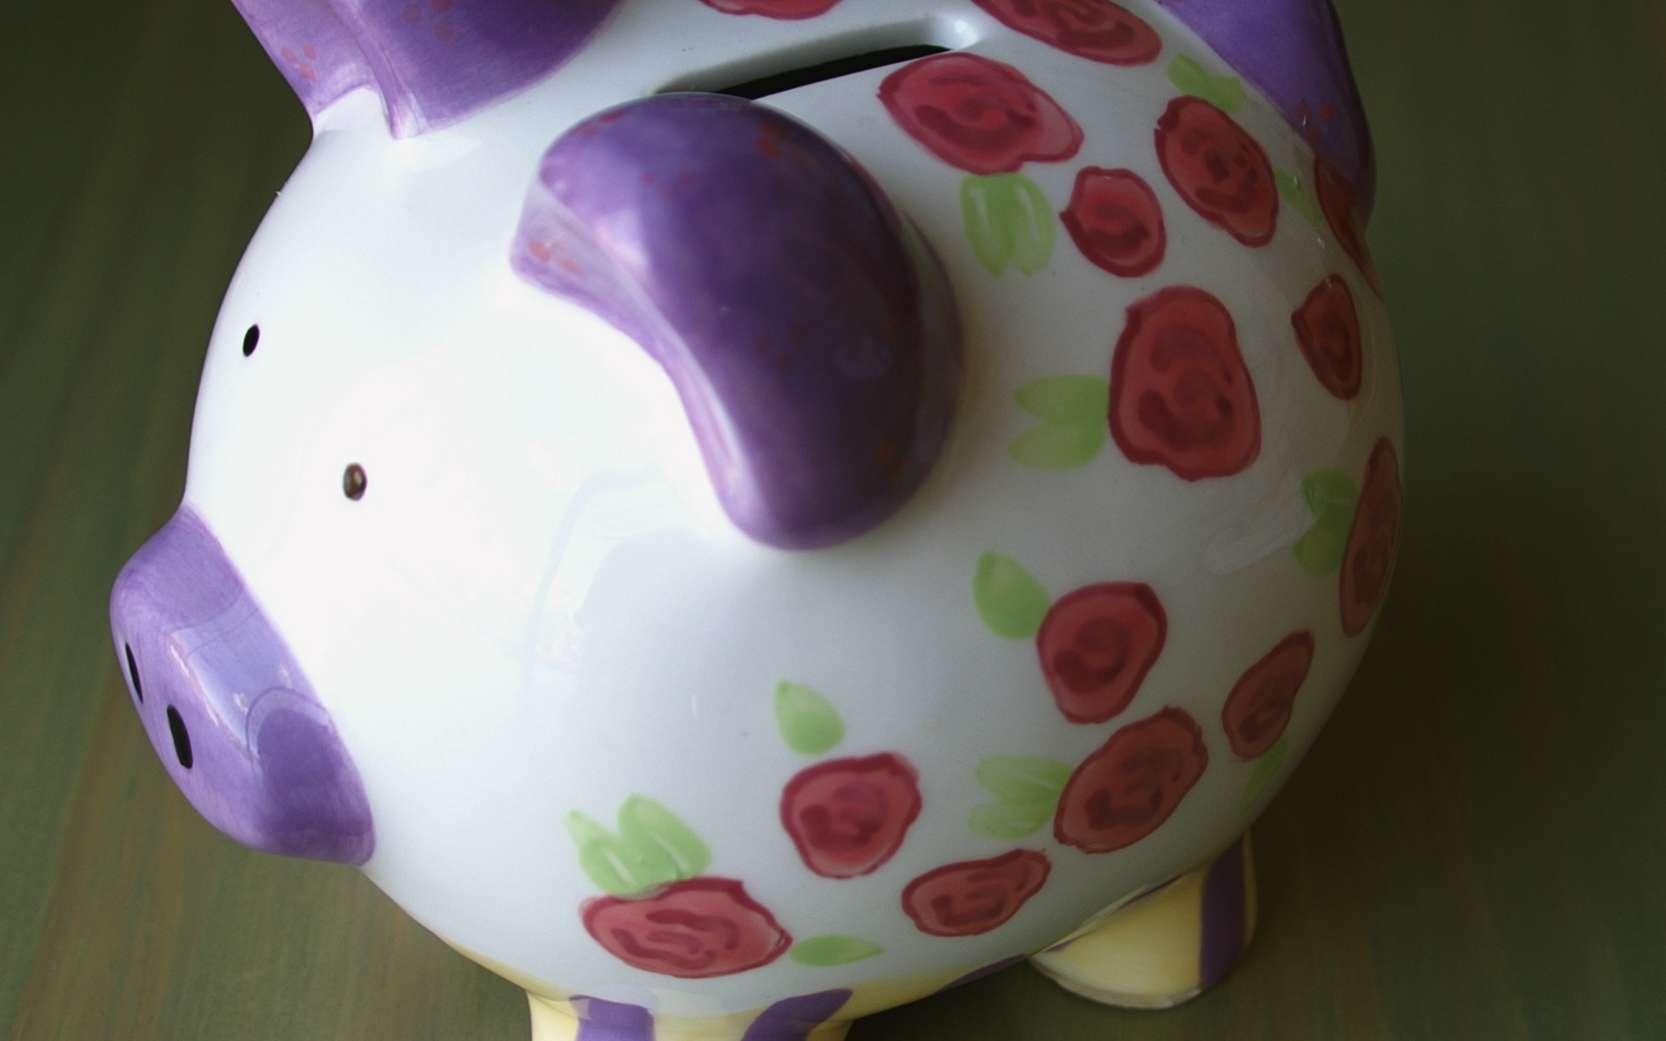 Méfiez-vous des « fausses » banques éthiques ! Beaucoup d'établissements surfent de nos jours sur la vague du développement durable pour proposer des investissements « éthiques » qui ne le sont pas vraiment. © Joyous, Wikimedia, cc by sa 3.0